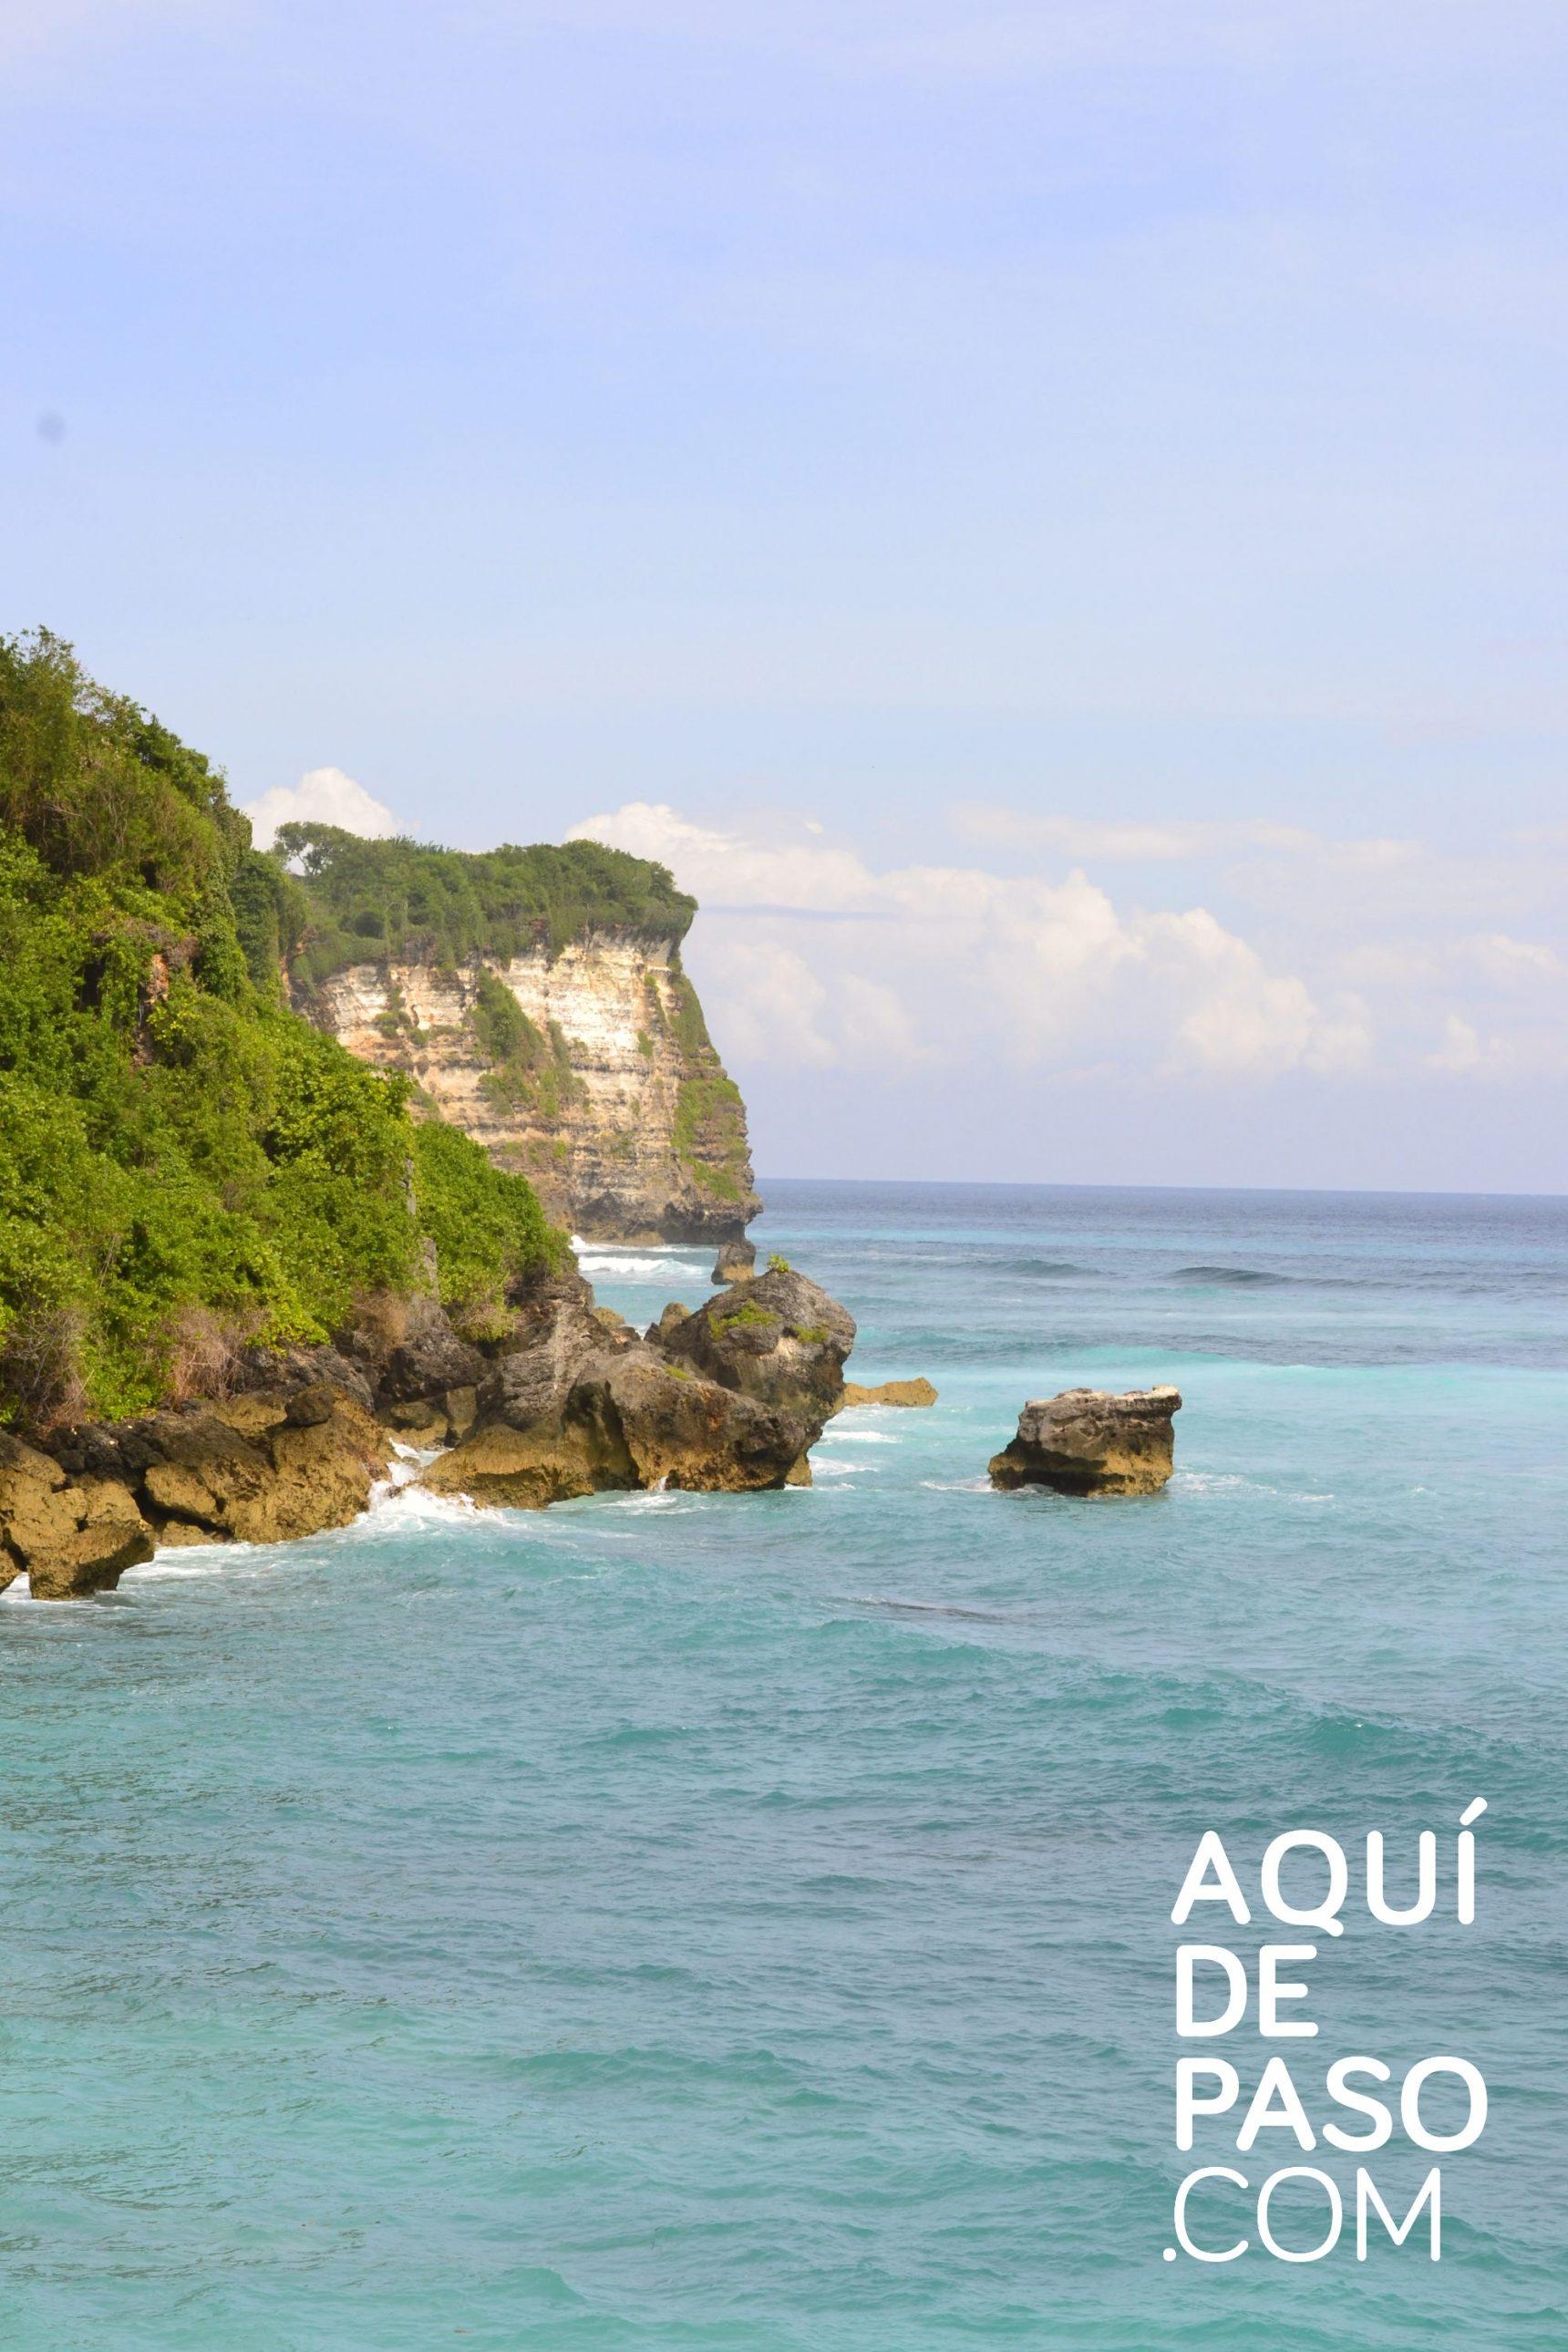 uluwuatu playas de Asia - aquidepaso.co,